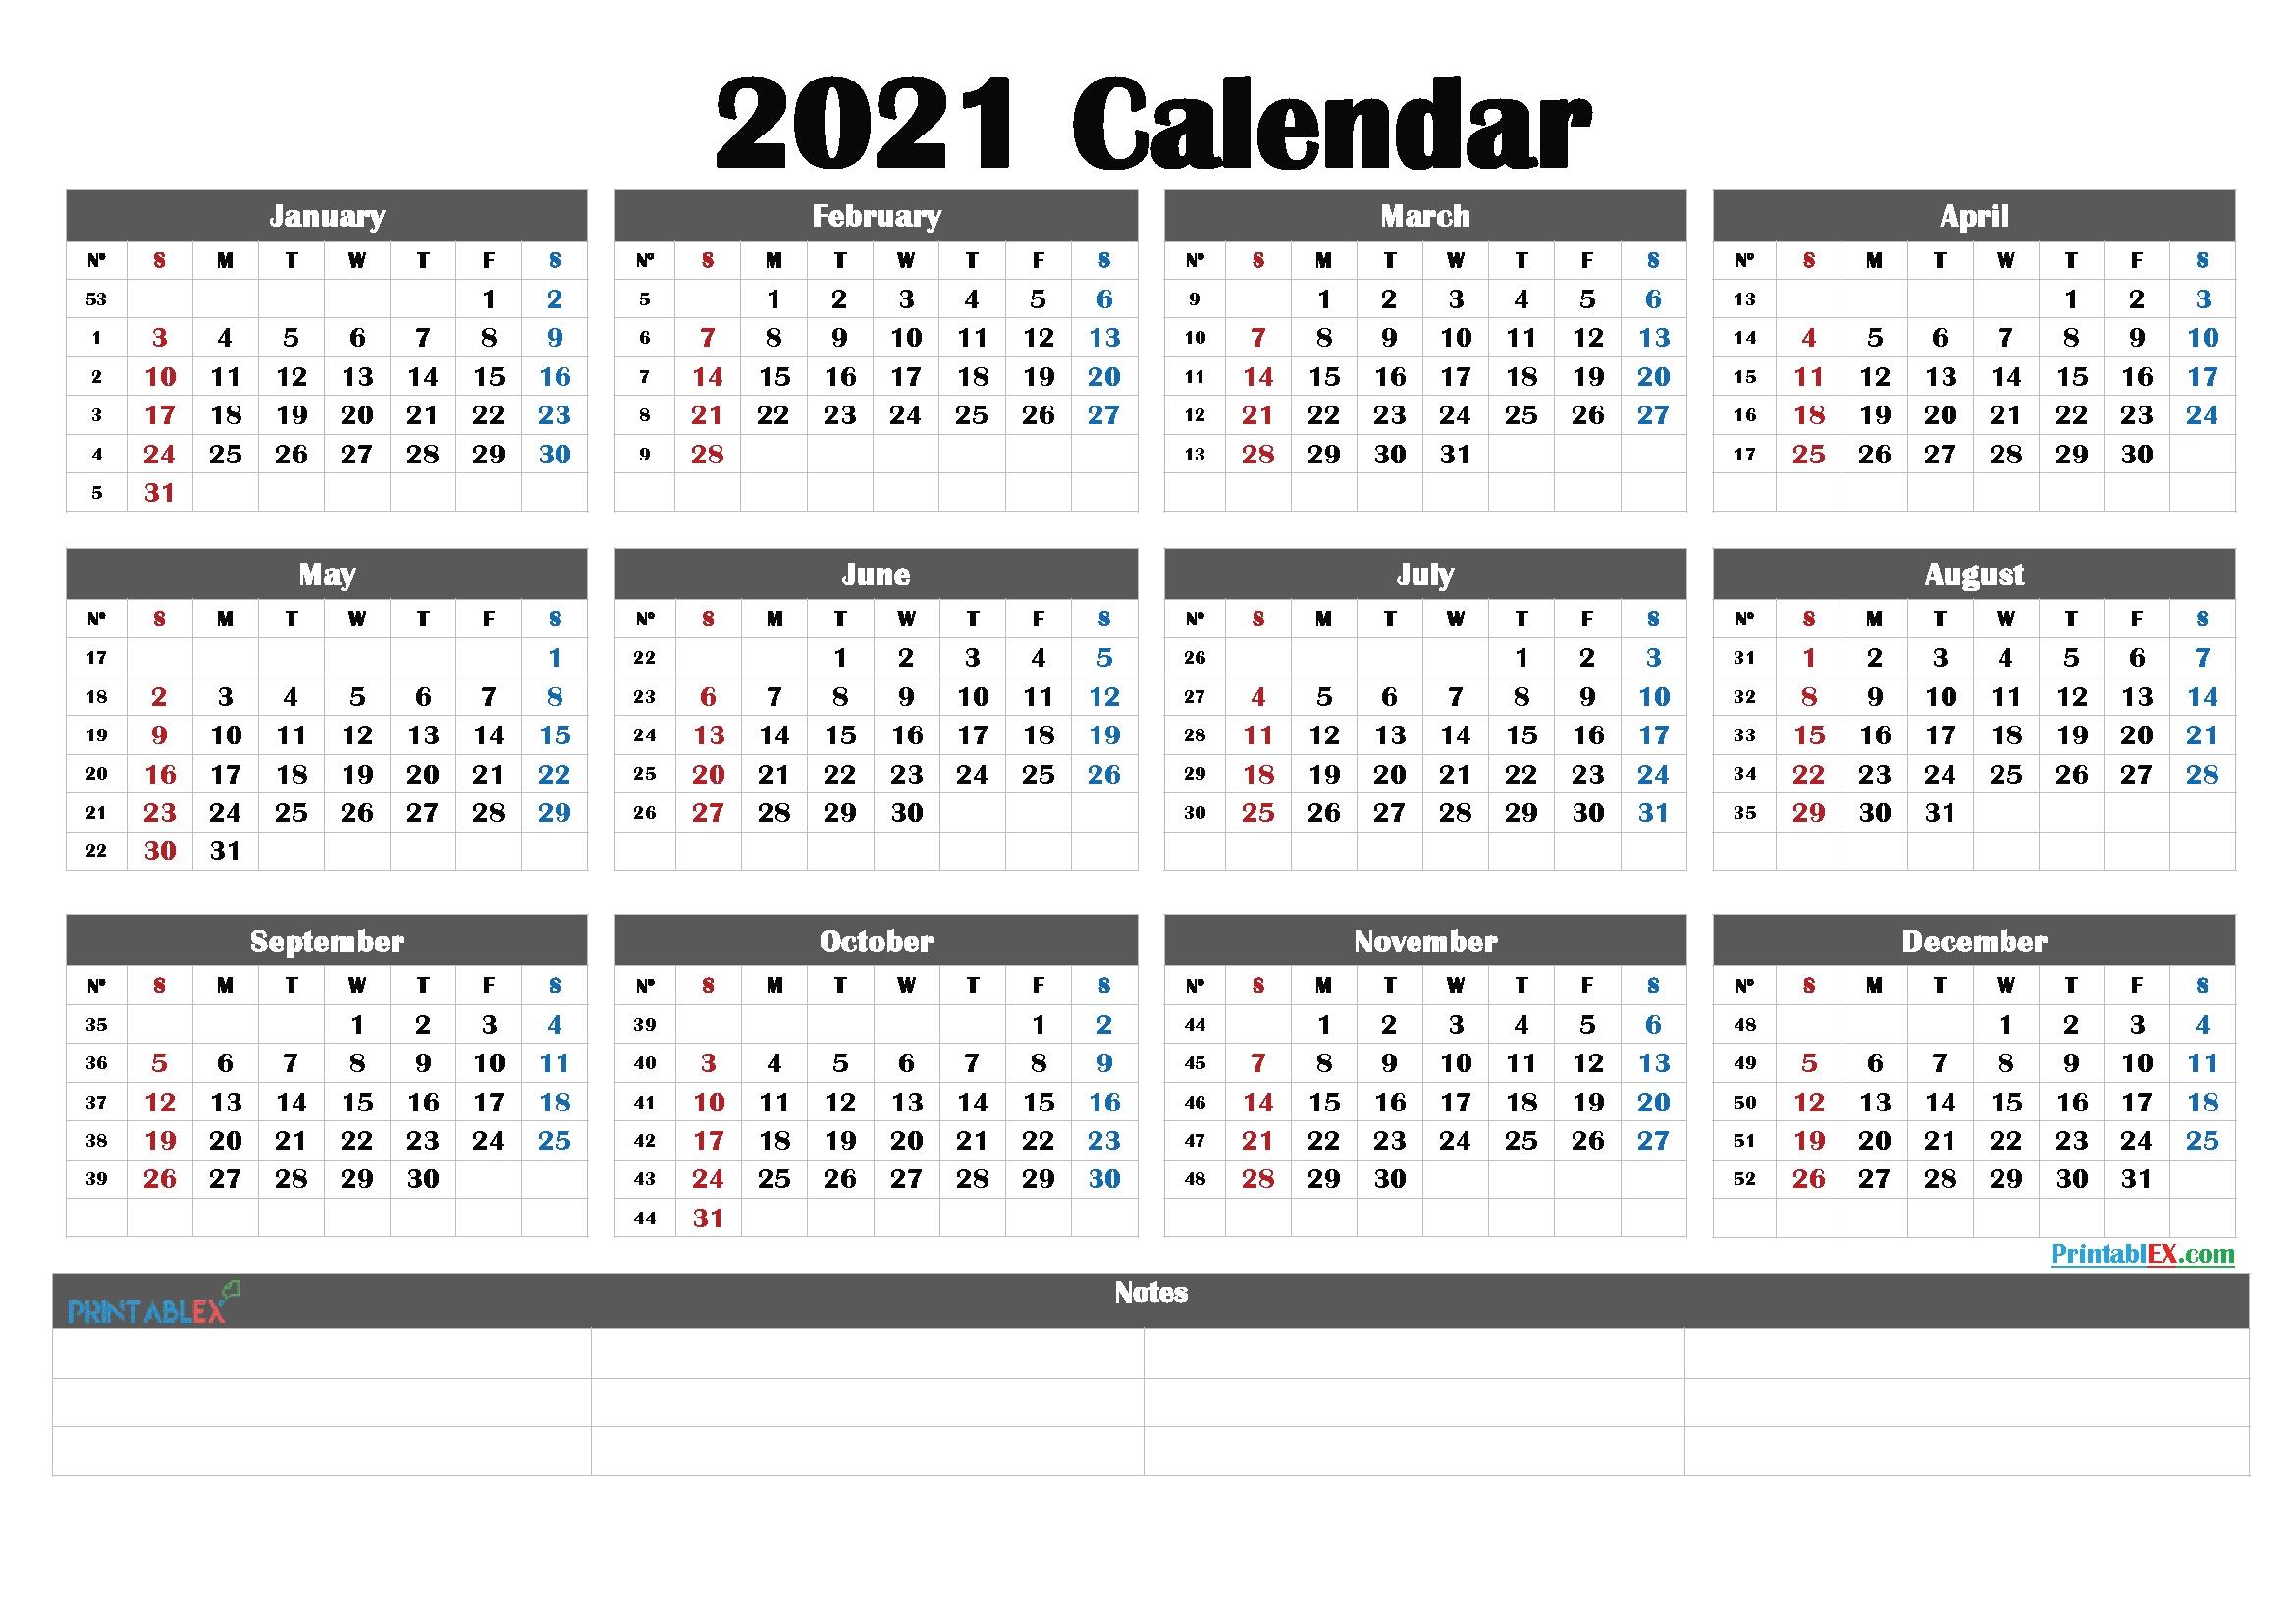 2021 Printable Yearly Calendar With Week Numbers – Free  2021 Calendar Weeks Numbered